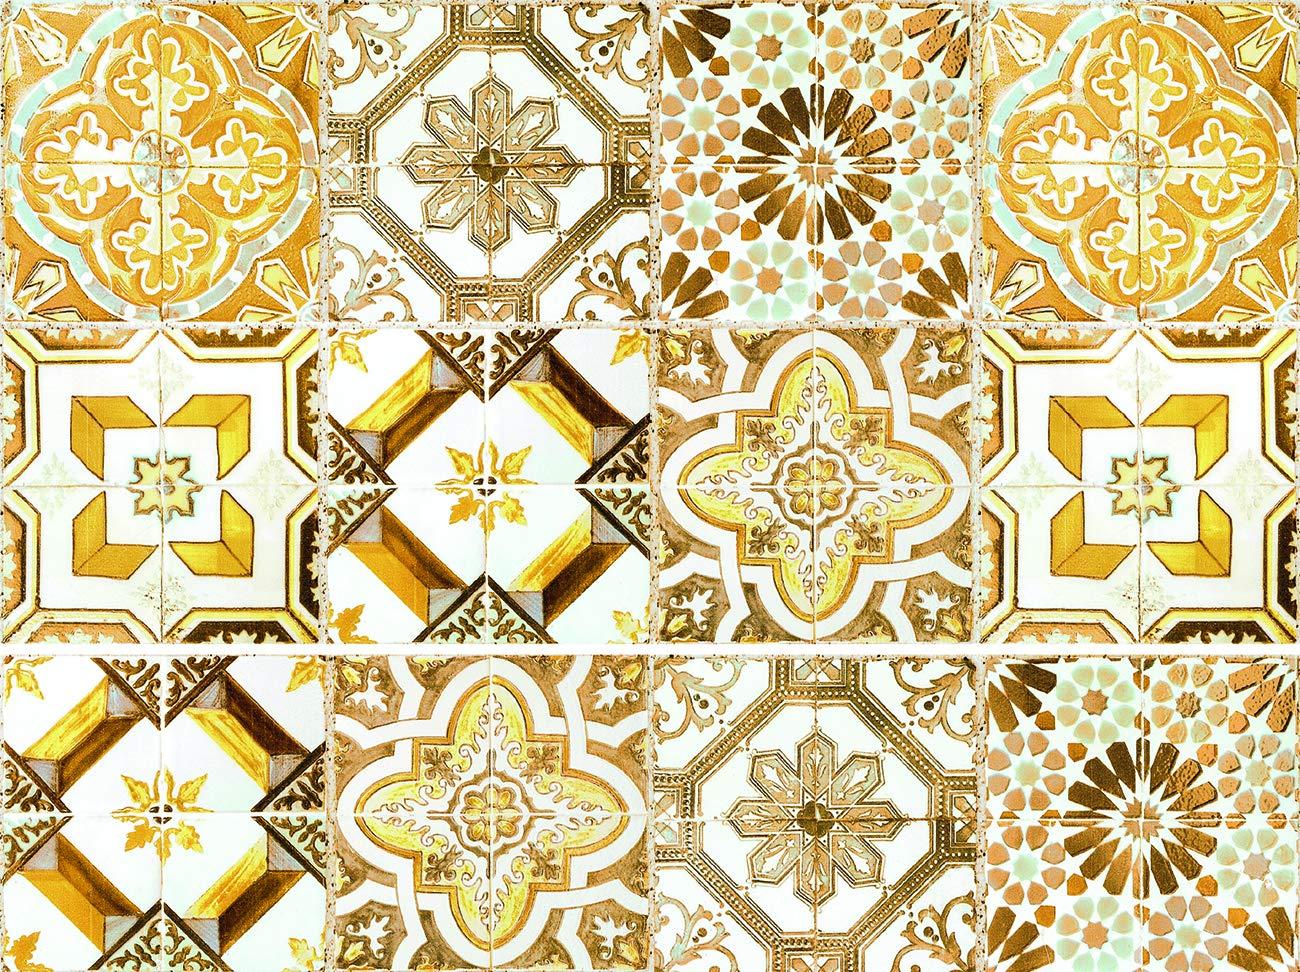 Cuadros Lifestyle Dekorative Stickerfliesen mit tollen Motiven und Ornamenten fü r Wä nde und Fliesen | 12 teiliges Set | seidenmatt, Grö ß e:20x20cm cuadros-lifestyle